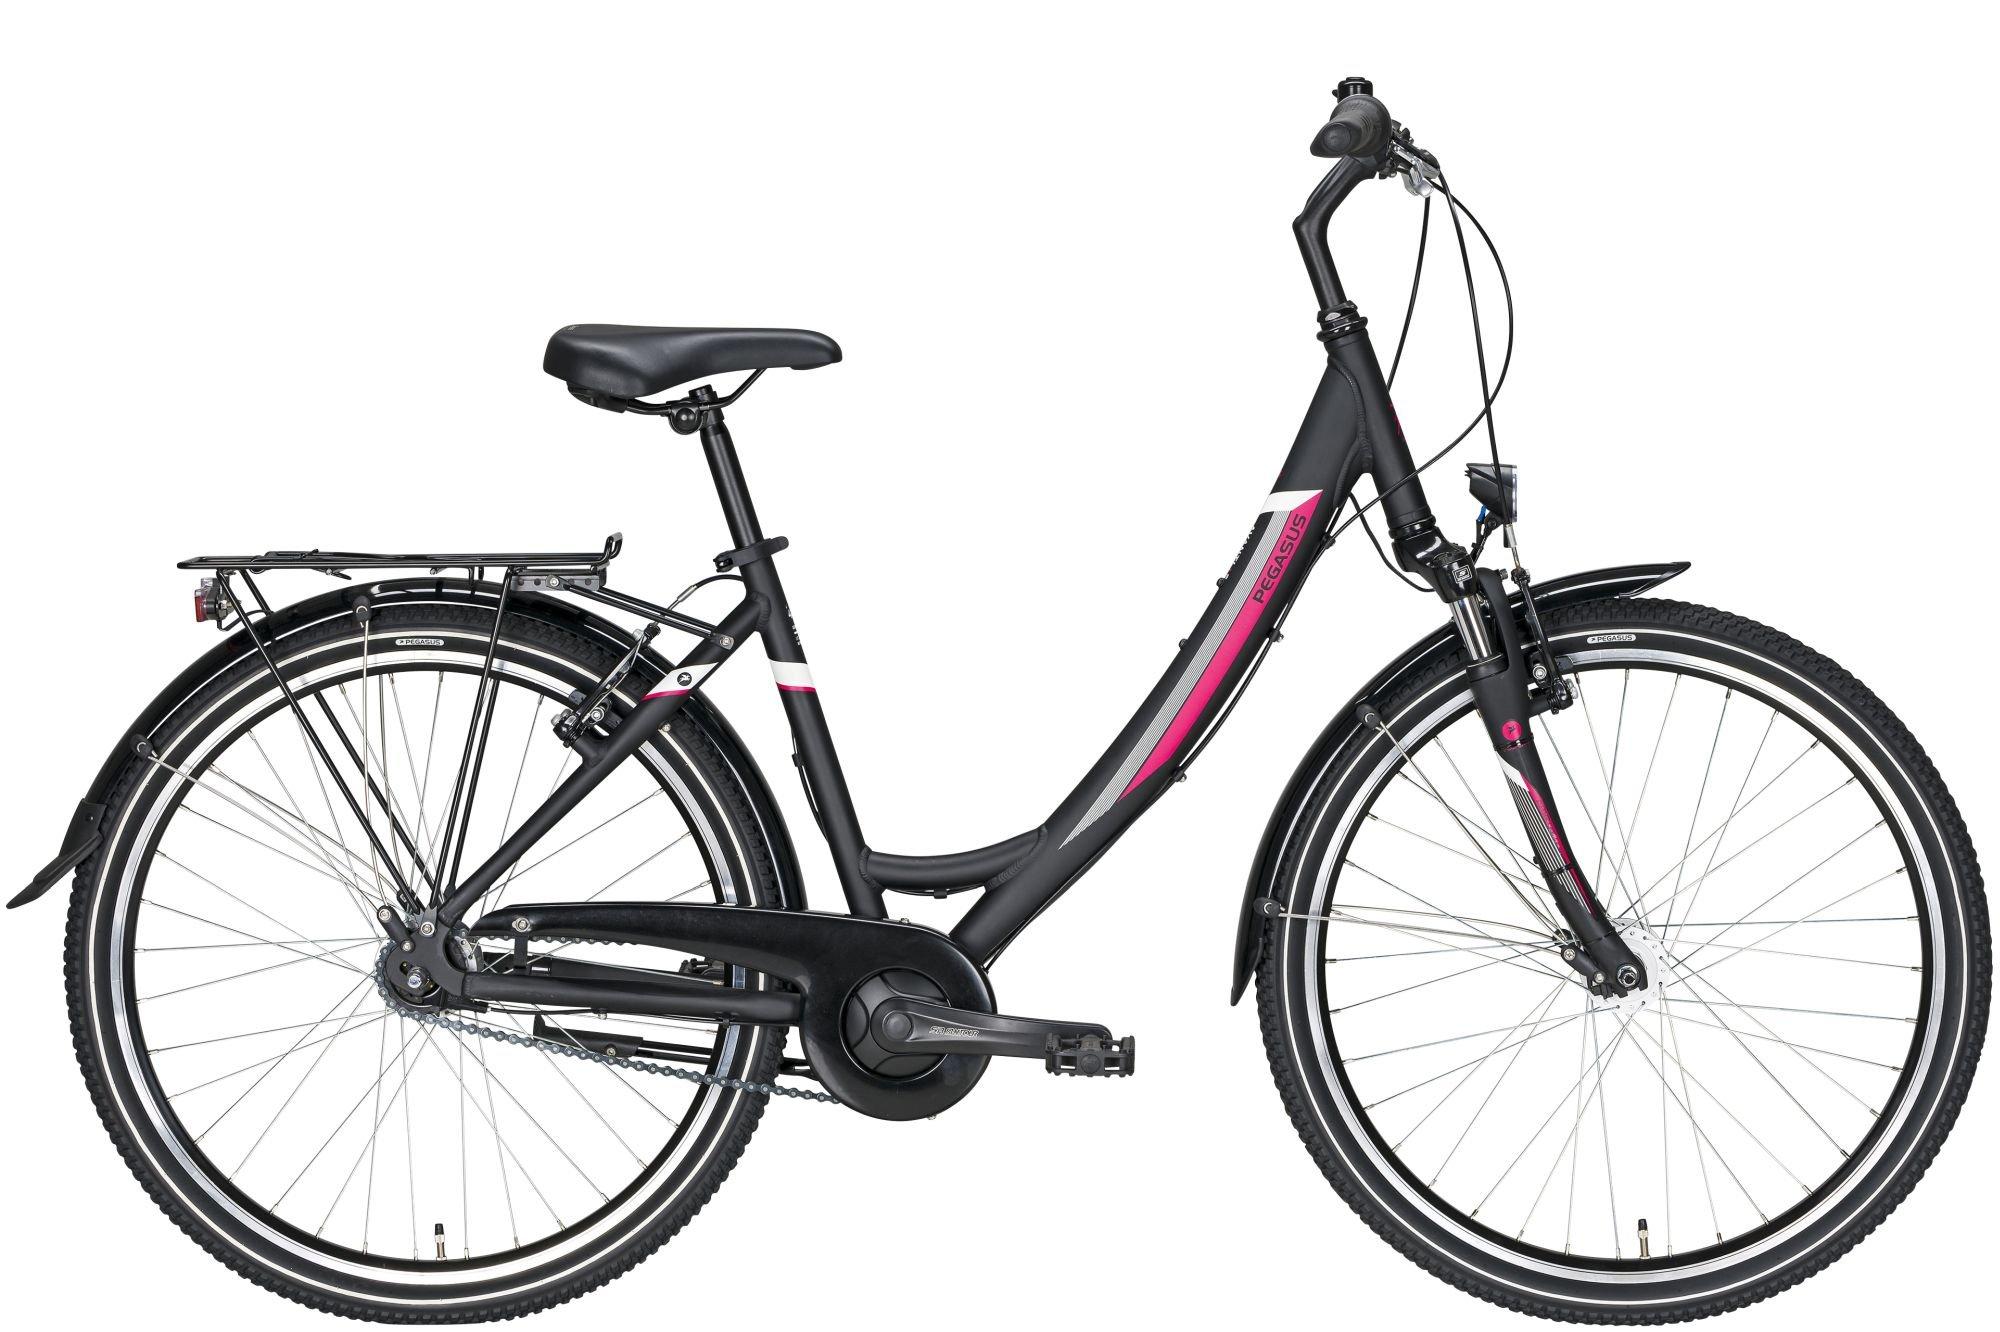 city-/tourenräder/Citybikes: Pegasus  Avanti 7  26 Zoll 7 Gang Nabenschaltung Damenfahrrad Tiefeinsteiger Modell 2020 26 Zoll 43 cm